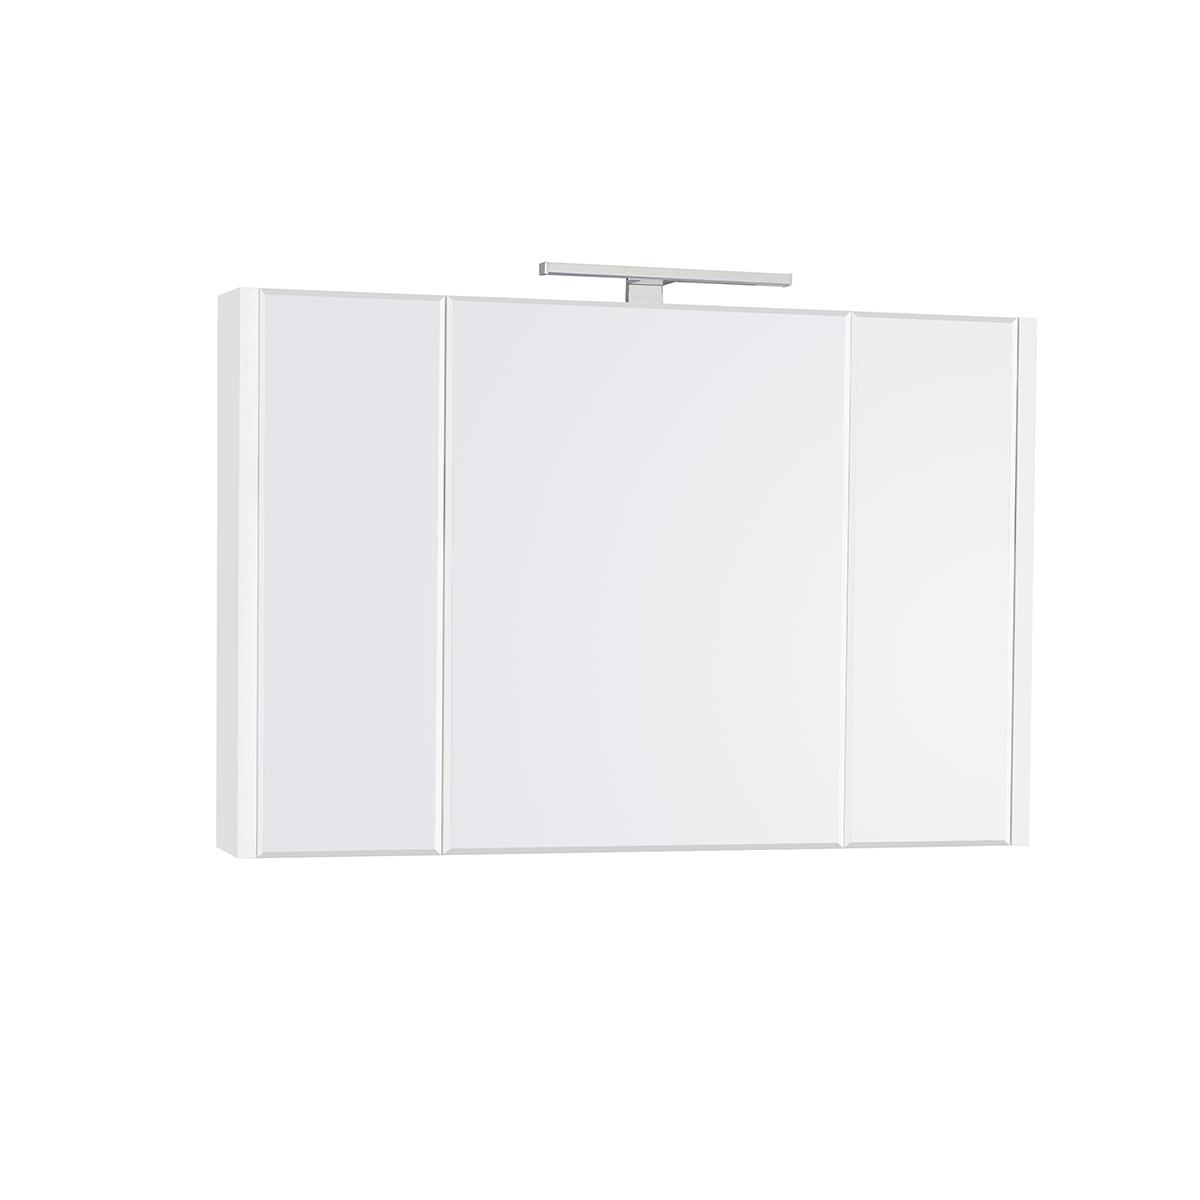 Фото - Зеркальный шкаф Roca Etna 100 см белый глянец 857305806 шкаф пенал roca etna 45 857303806 подвесной белый глянцевый